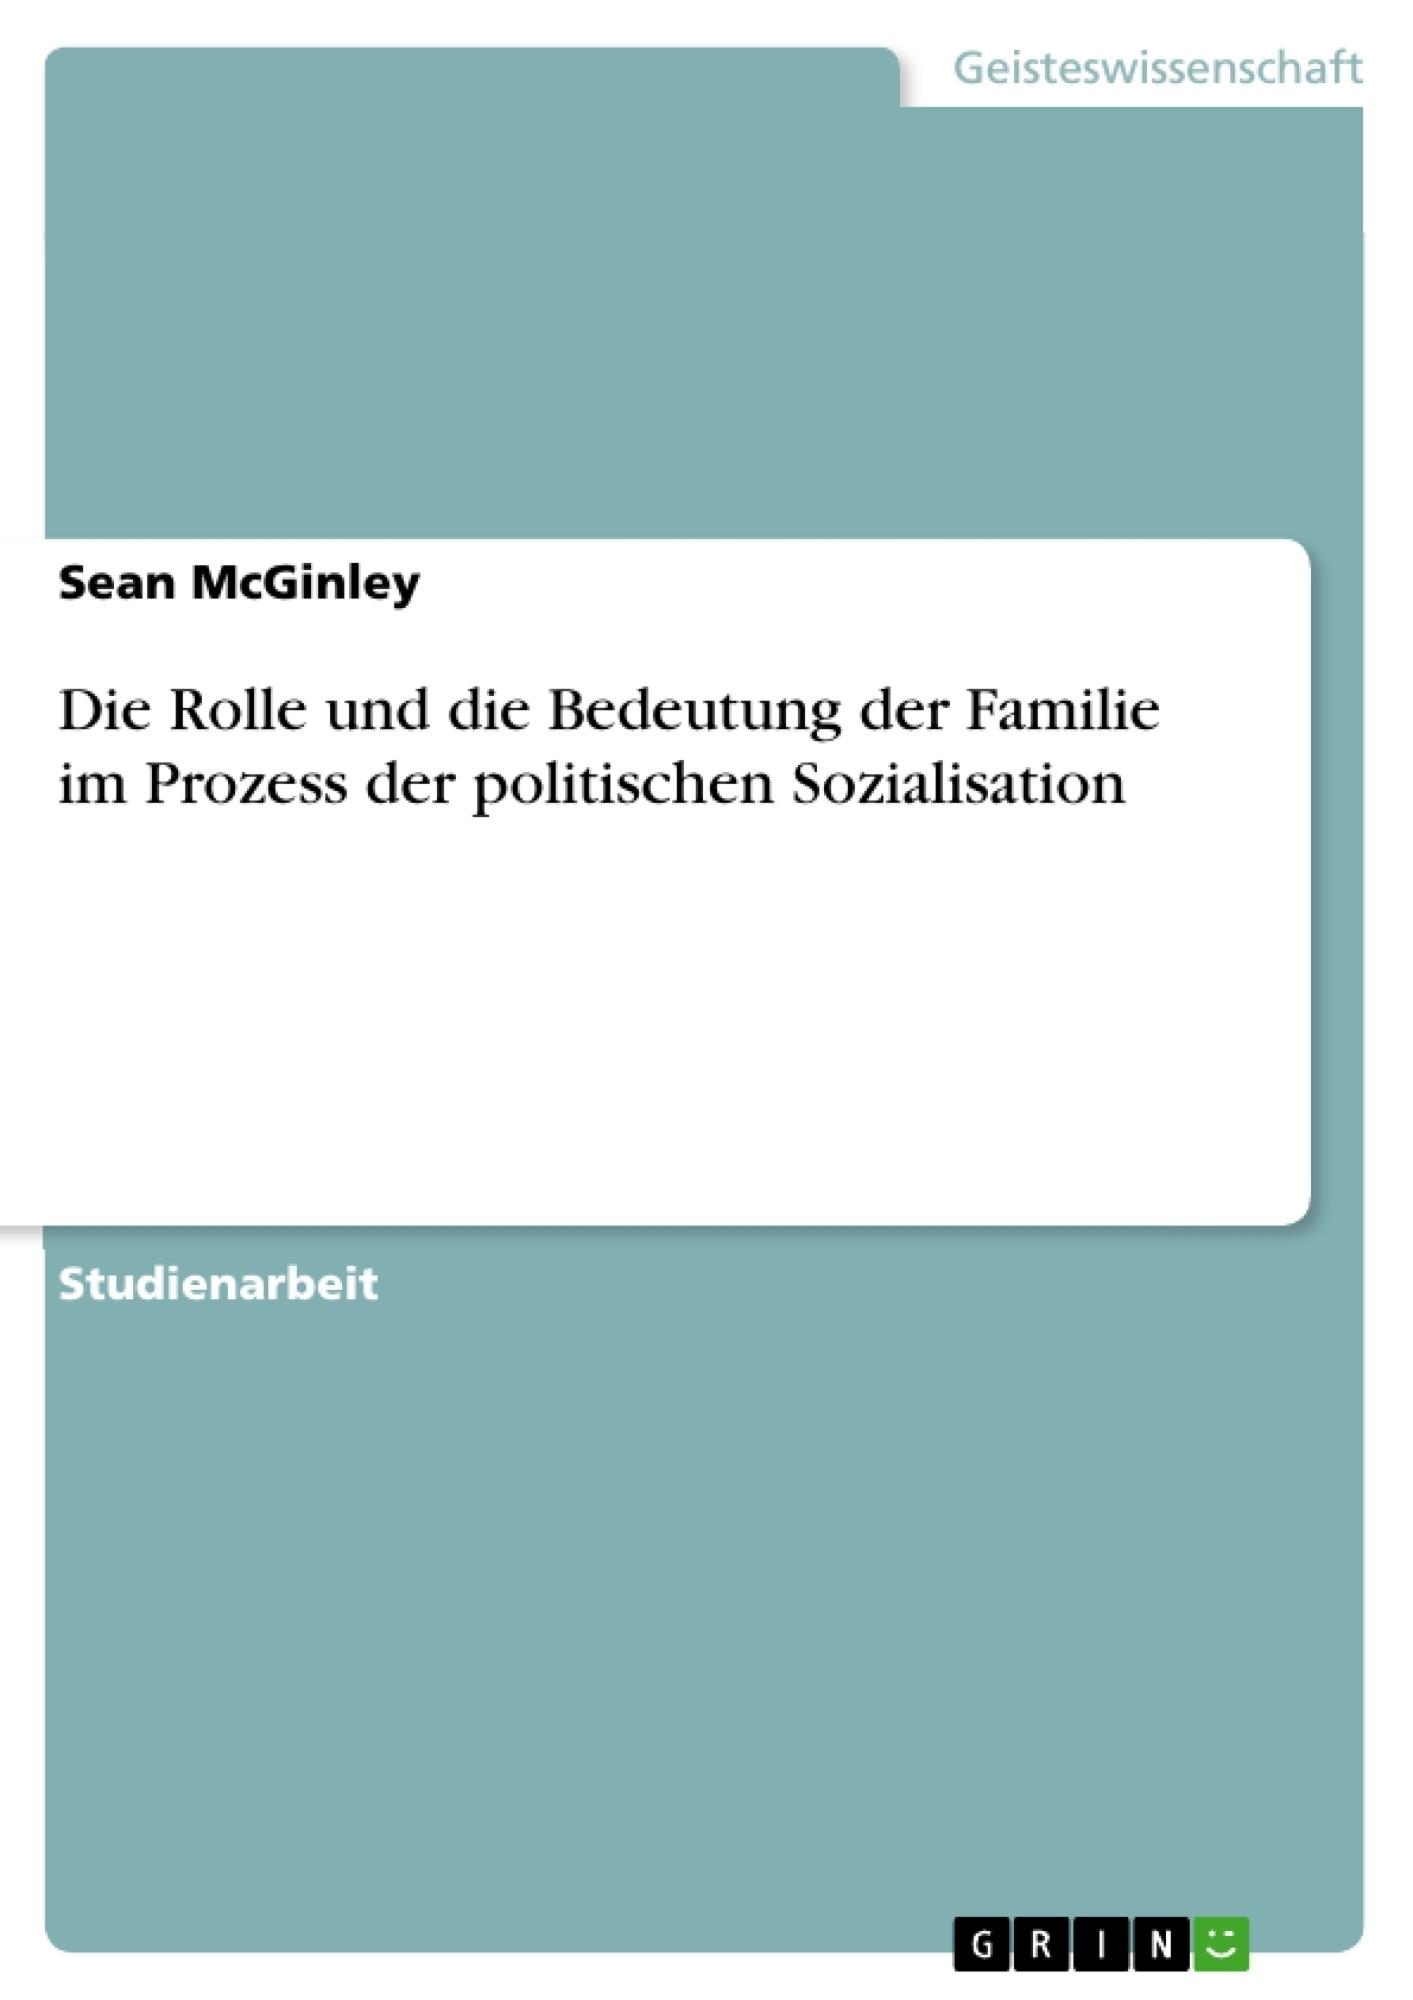 Titel: Die Rolle und die Bedeutung der Familie im Prozess der politischen Sozialisation